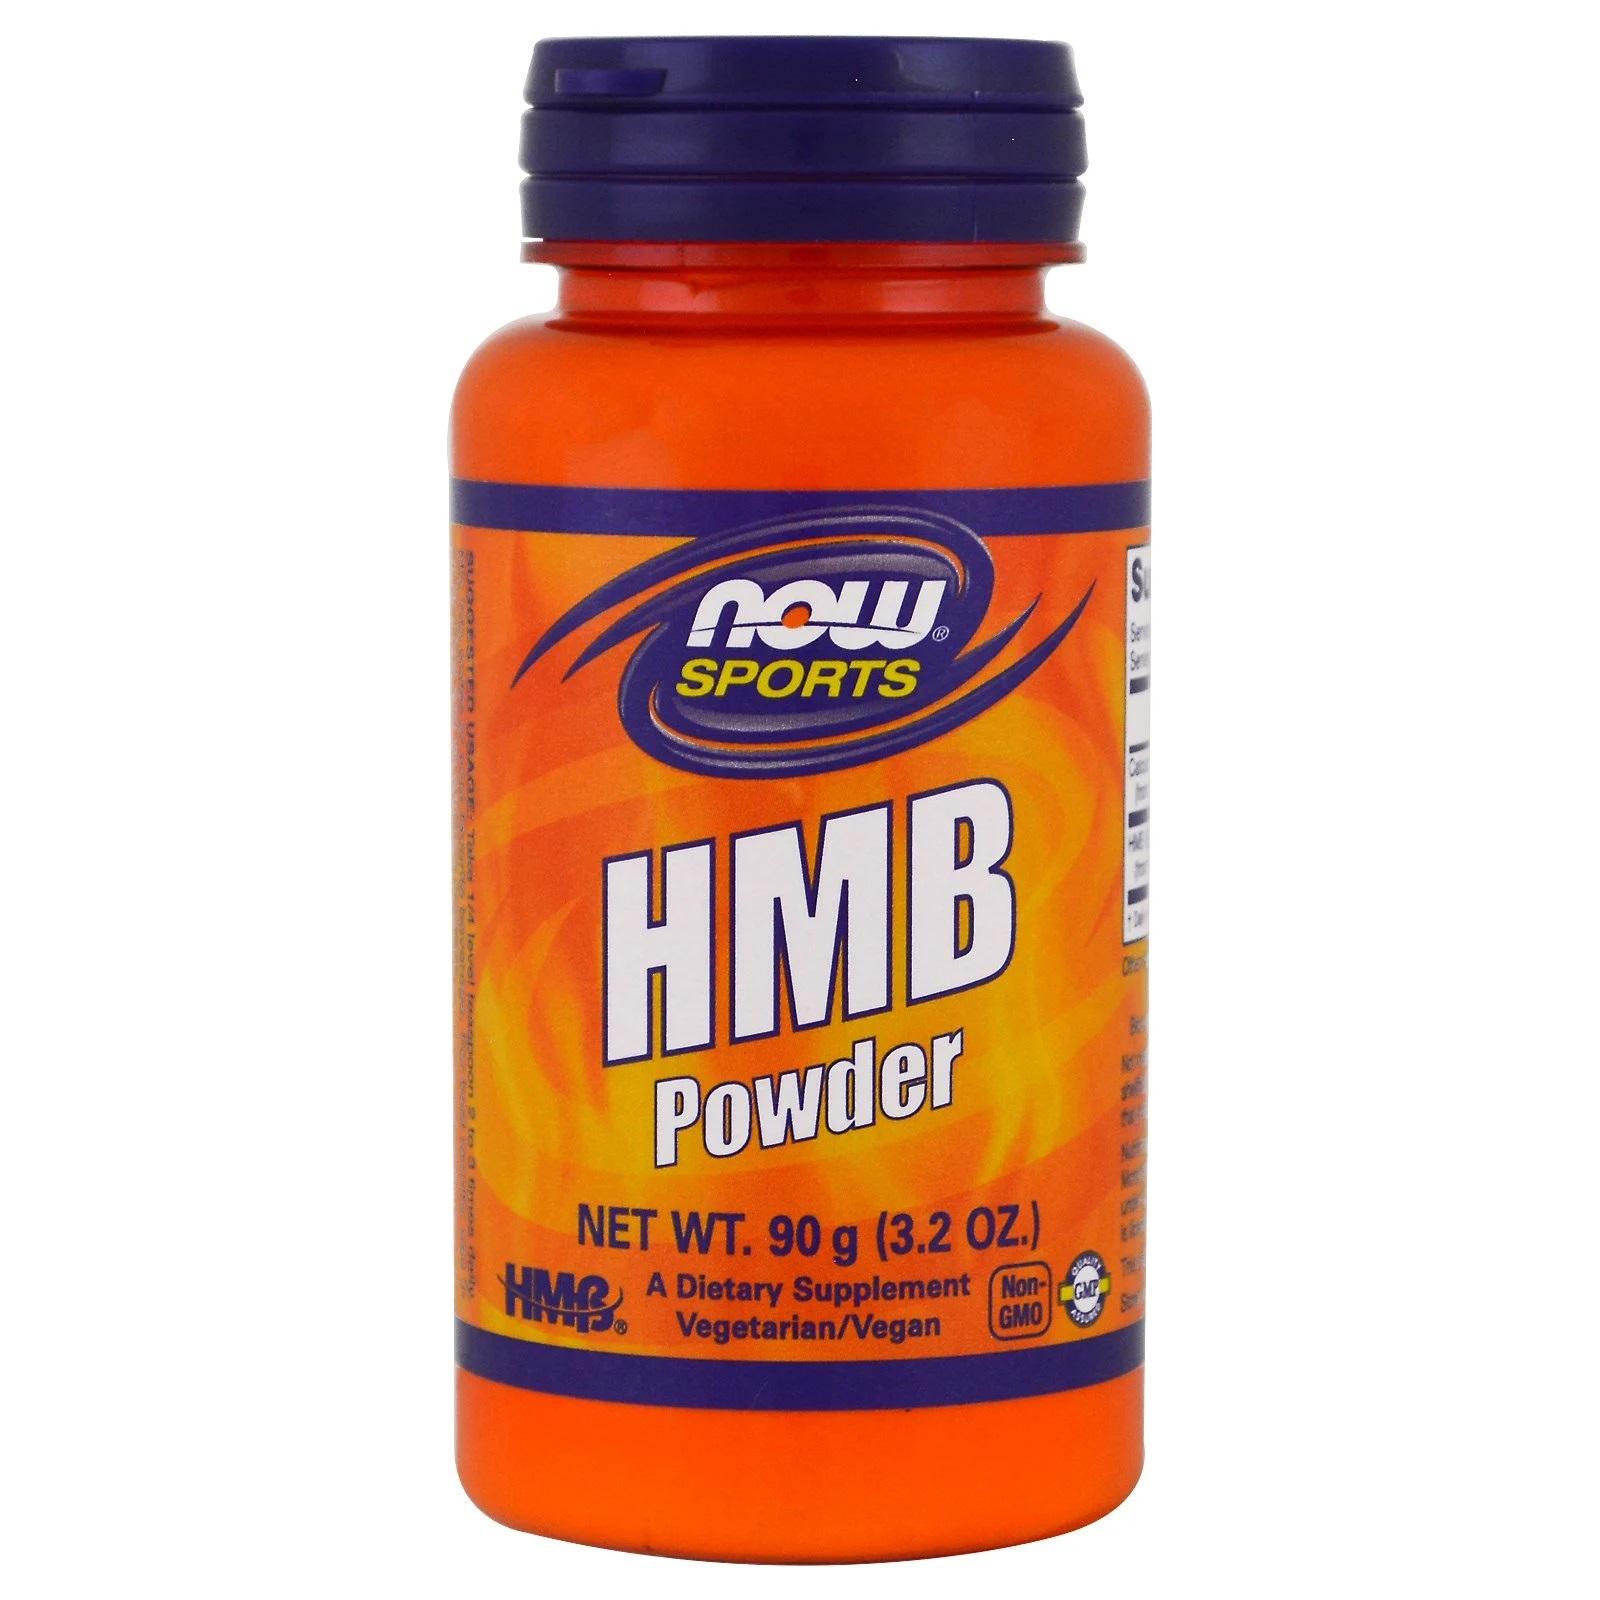 HMB Powder (90 gram) Now Foods, HMB (B-Hydroxy B-Methylbutyrate) is een klinisch onderzocht, van nature voorkomende metaboliet van de vertakte keten aminozuur leucine.Extra gegevens:Merk : Now FoodsVerzendkosten : 3.95Levertijd : Vóór 23.00 besteld op werkdagen is morgen in huis.